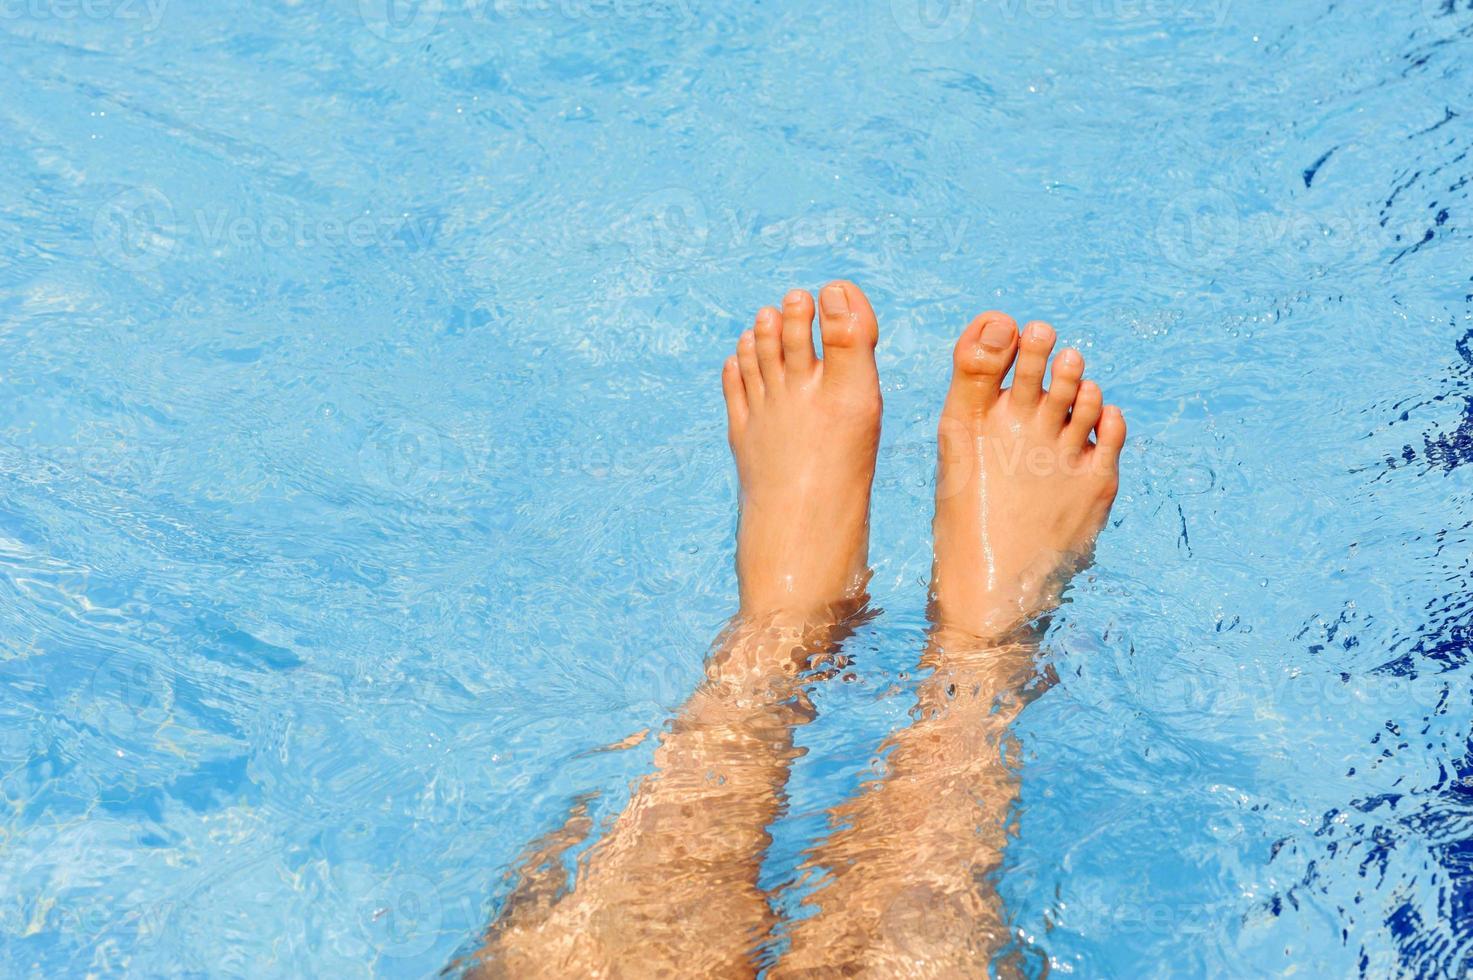 manliga fötter flyter på vattnet foto